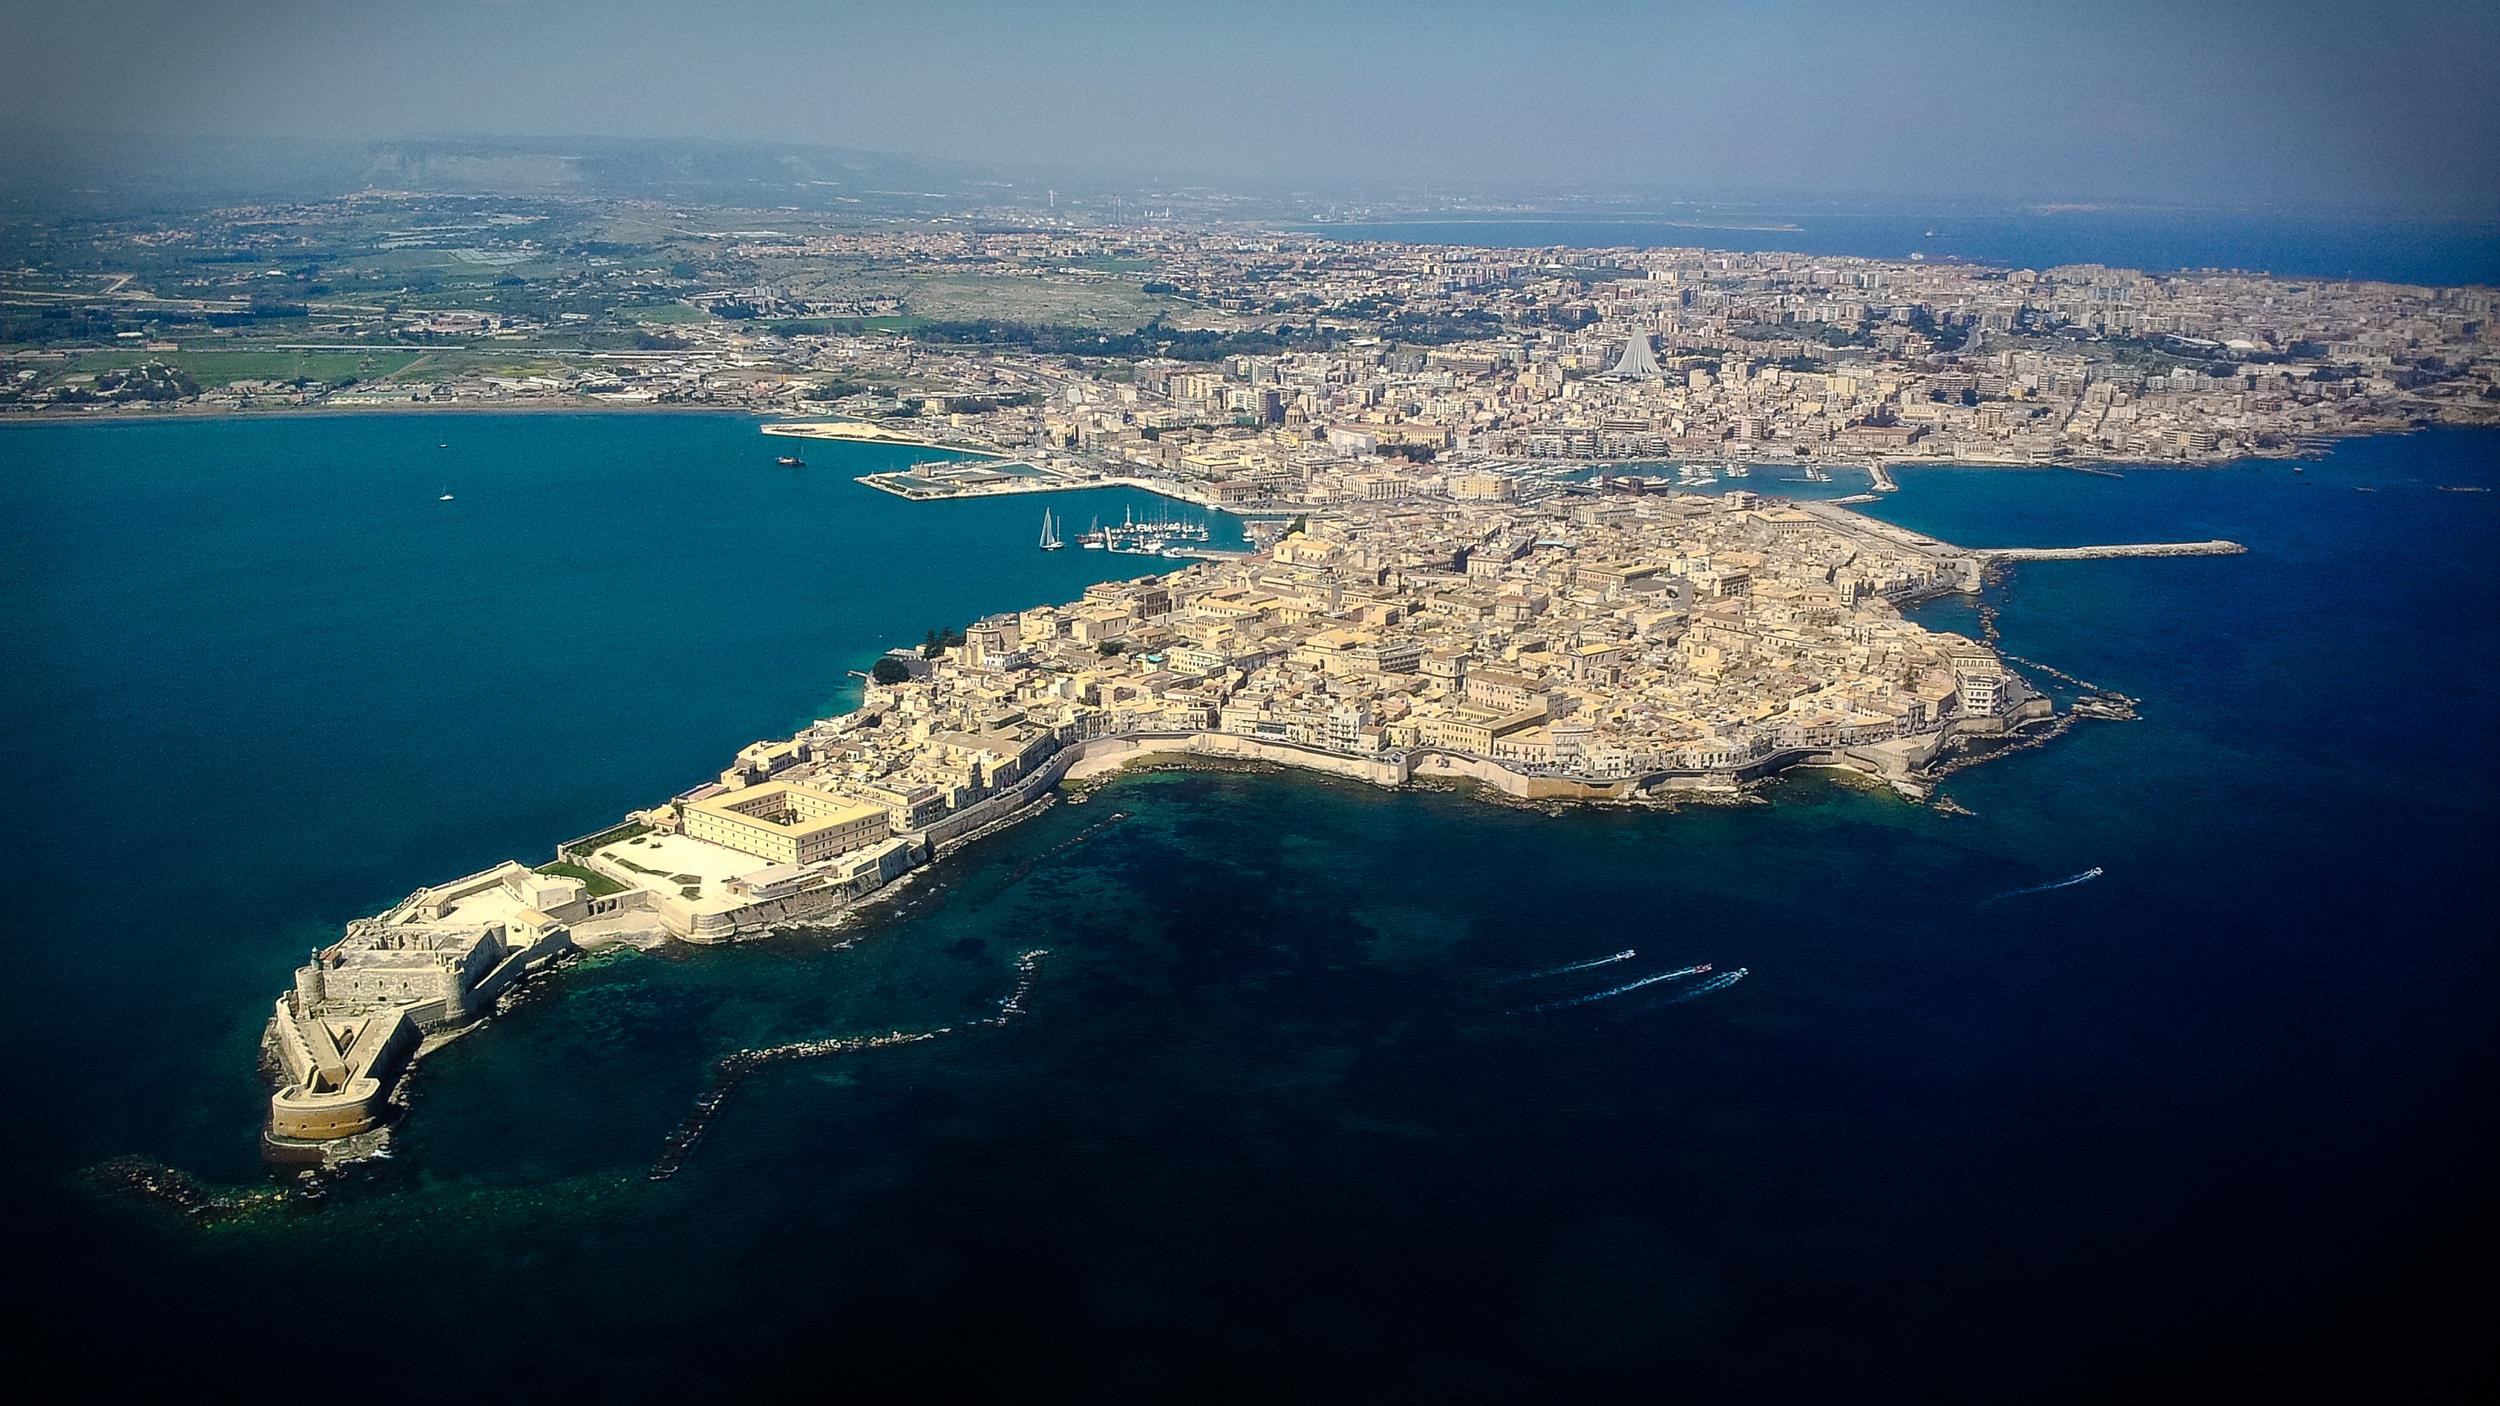 Isle of Ortigia, Siracusa, Sicily